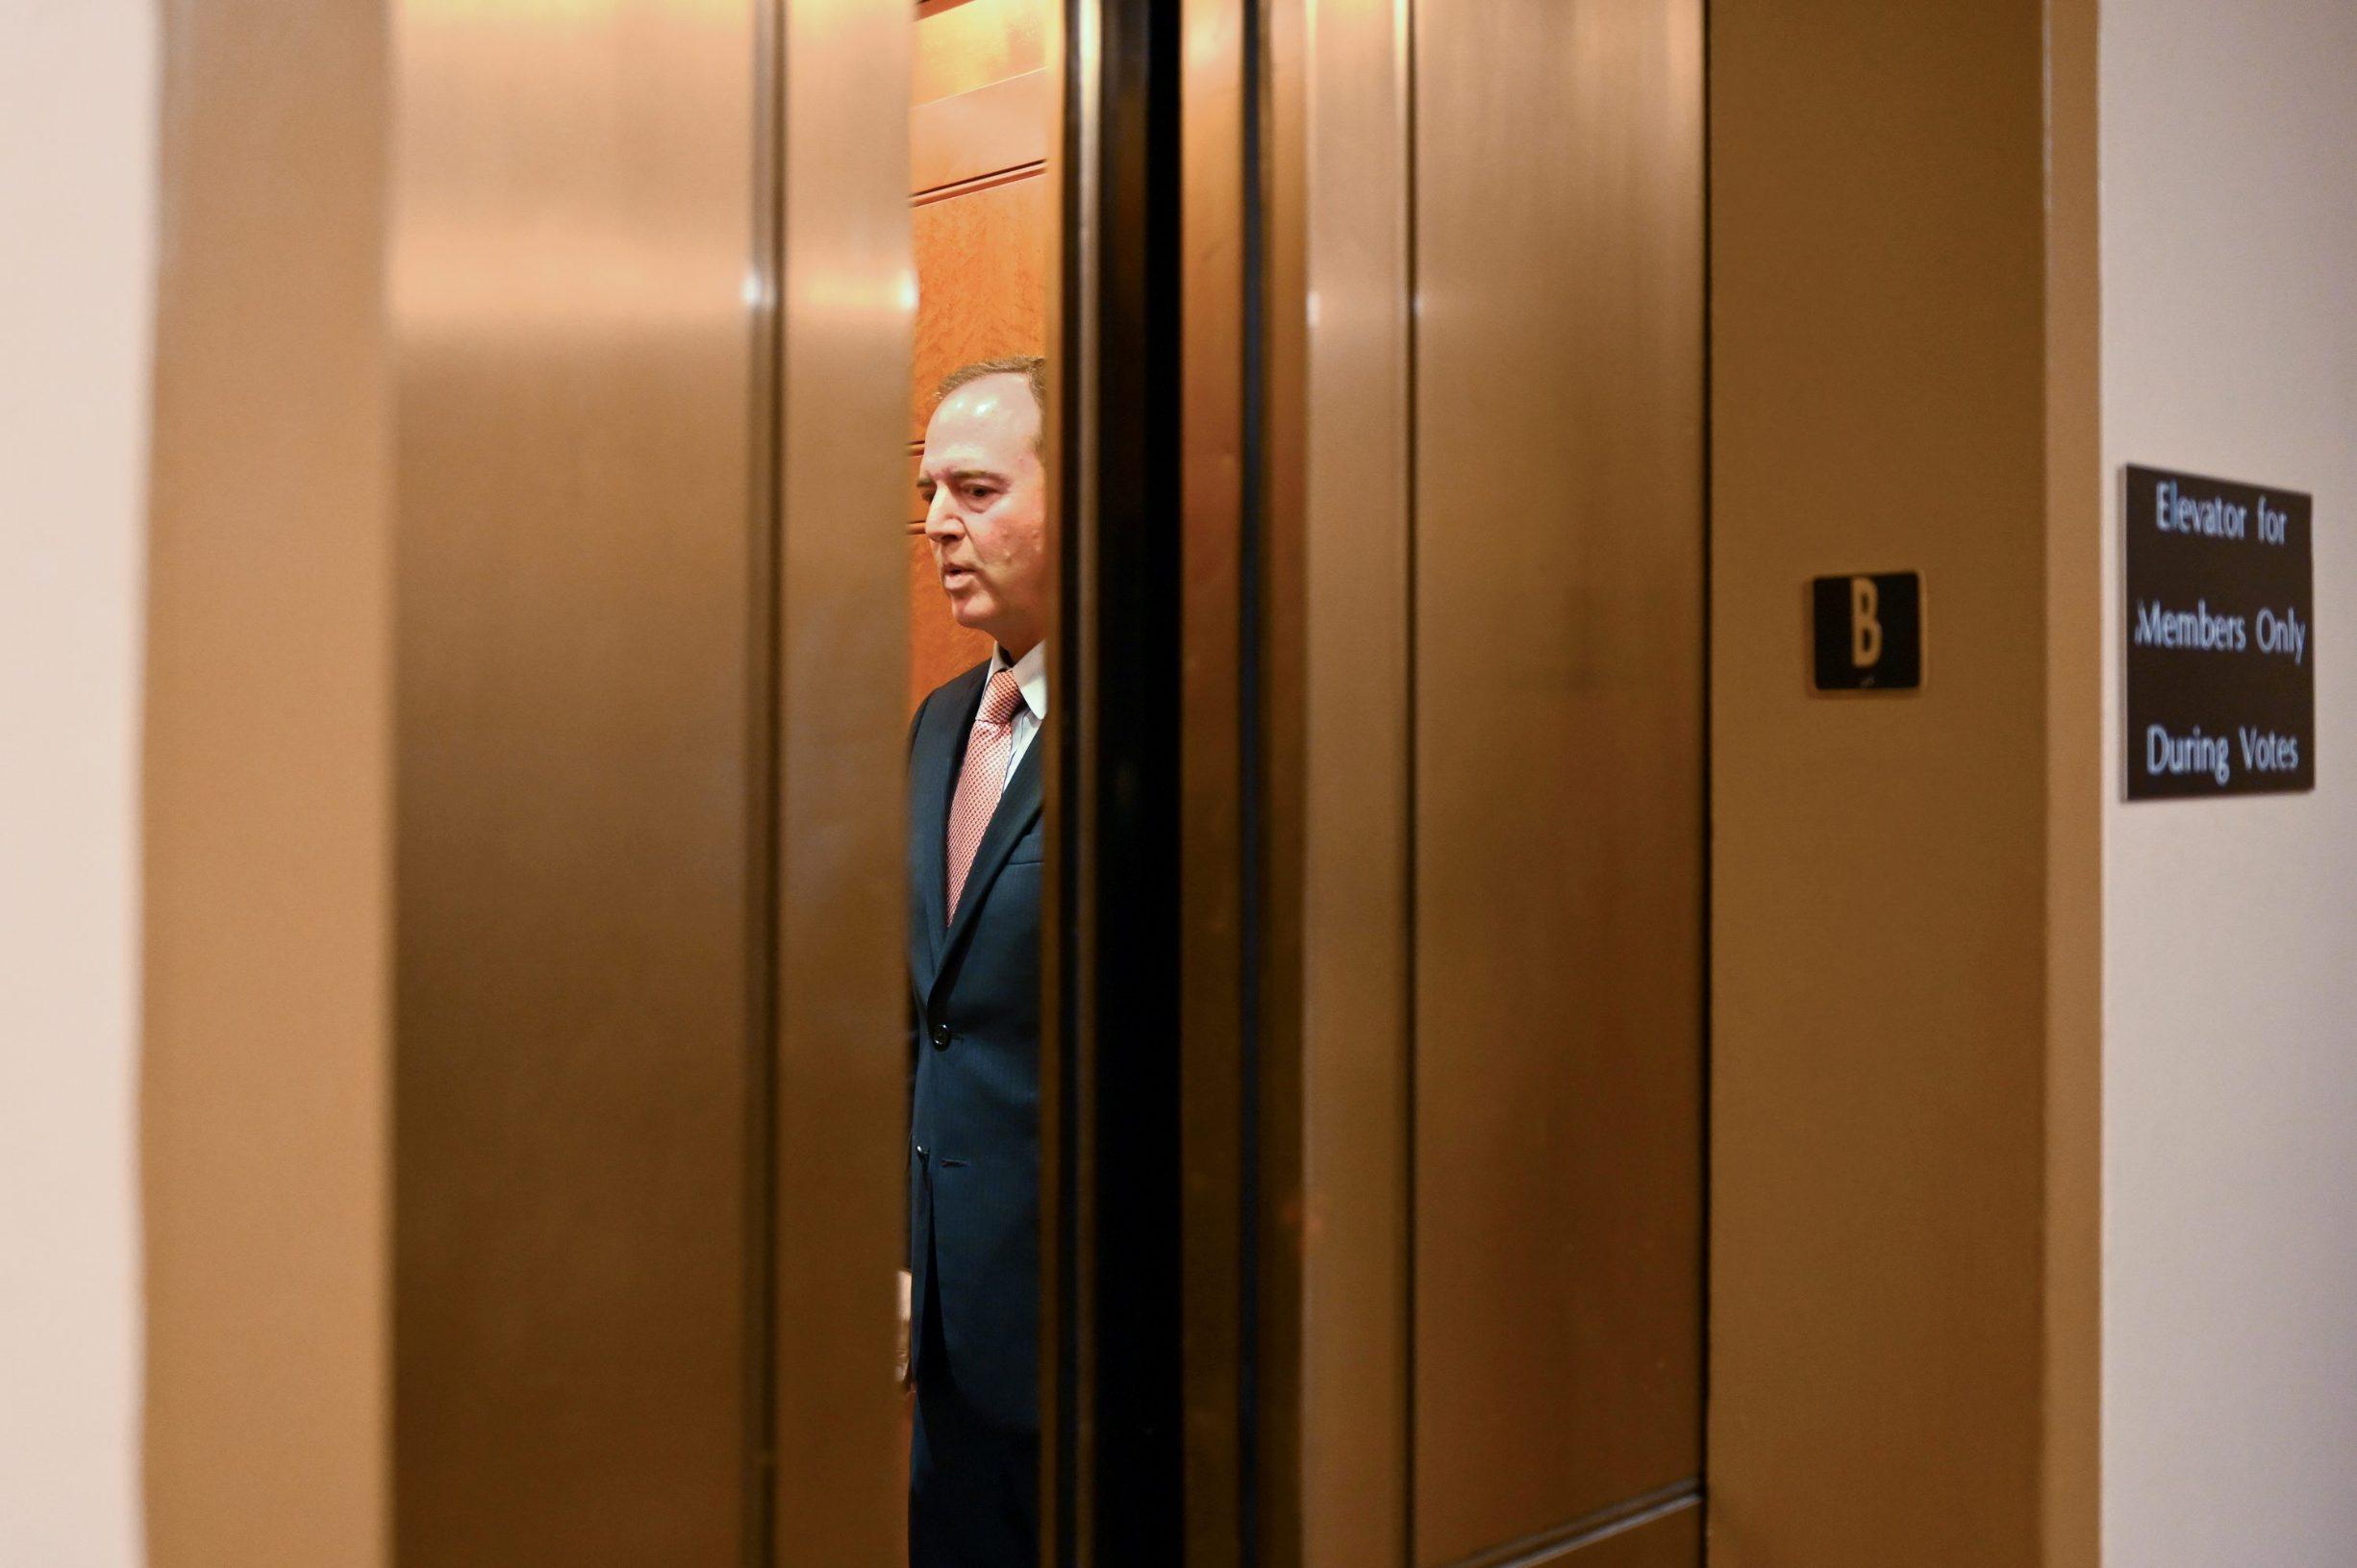 Adam Schiff, zastupnik demokrata na čelu Odbora Kongresa koji vodi istragu protiv Trumpa